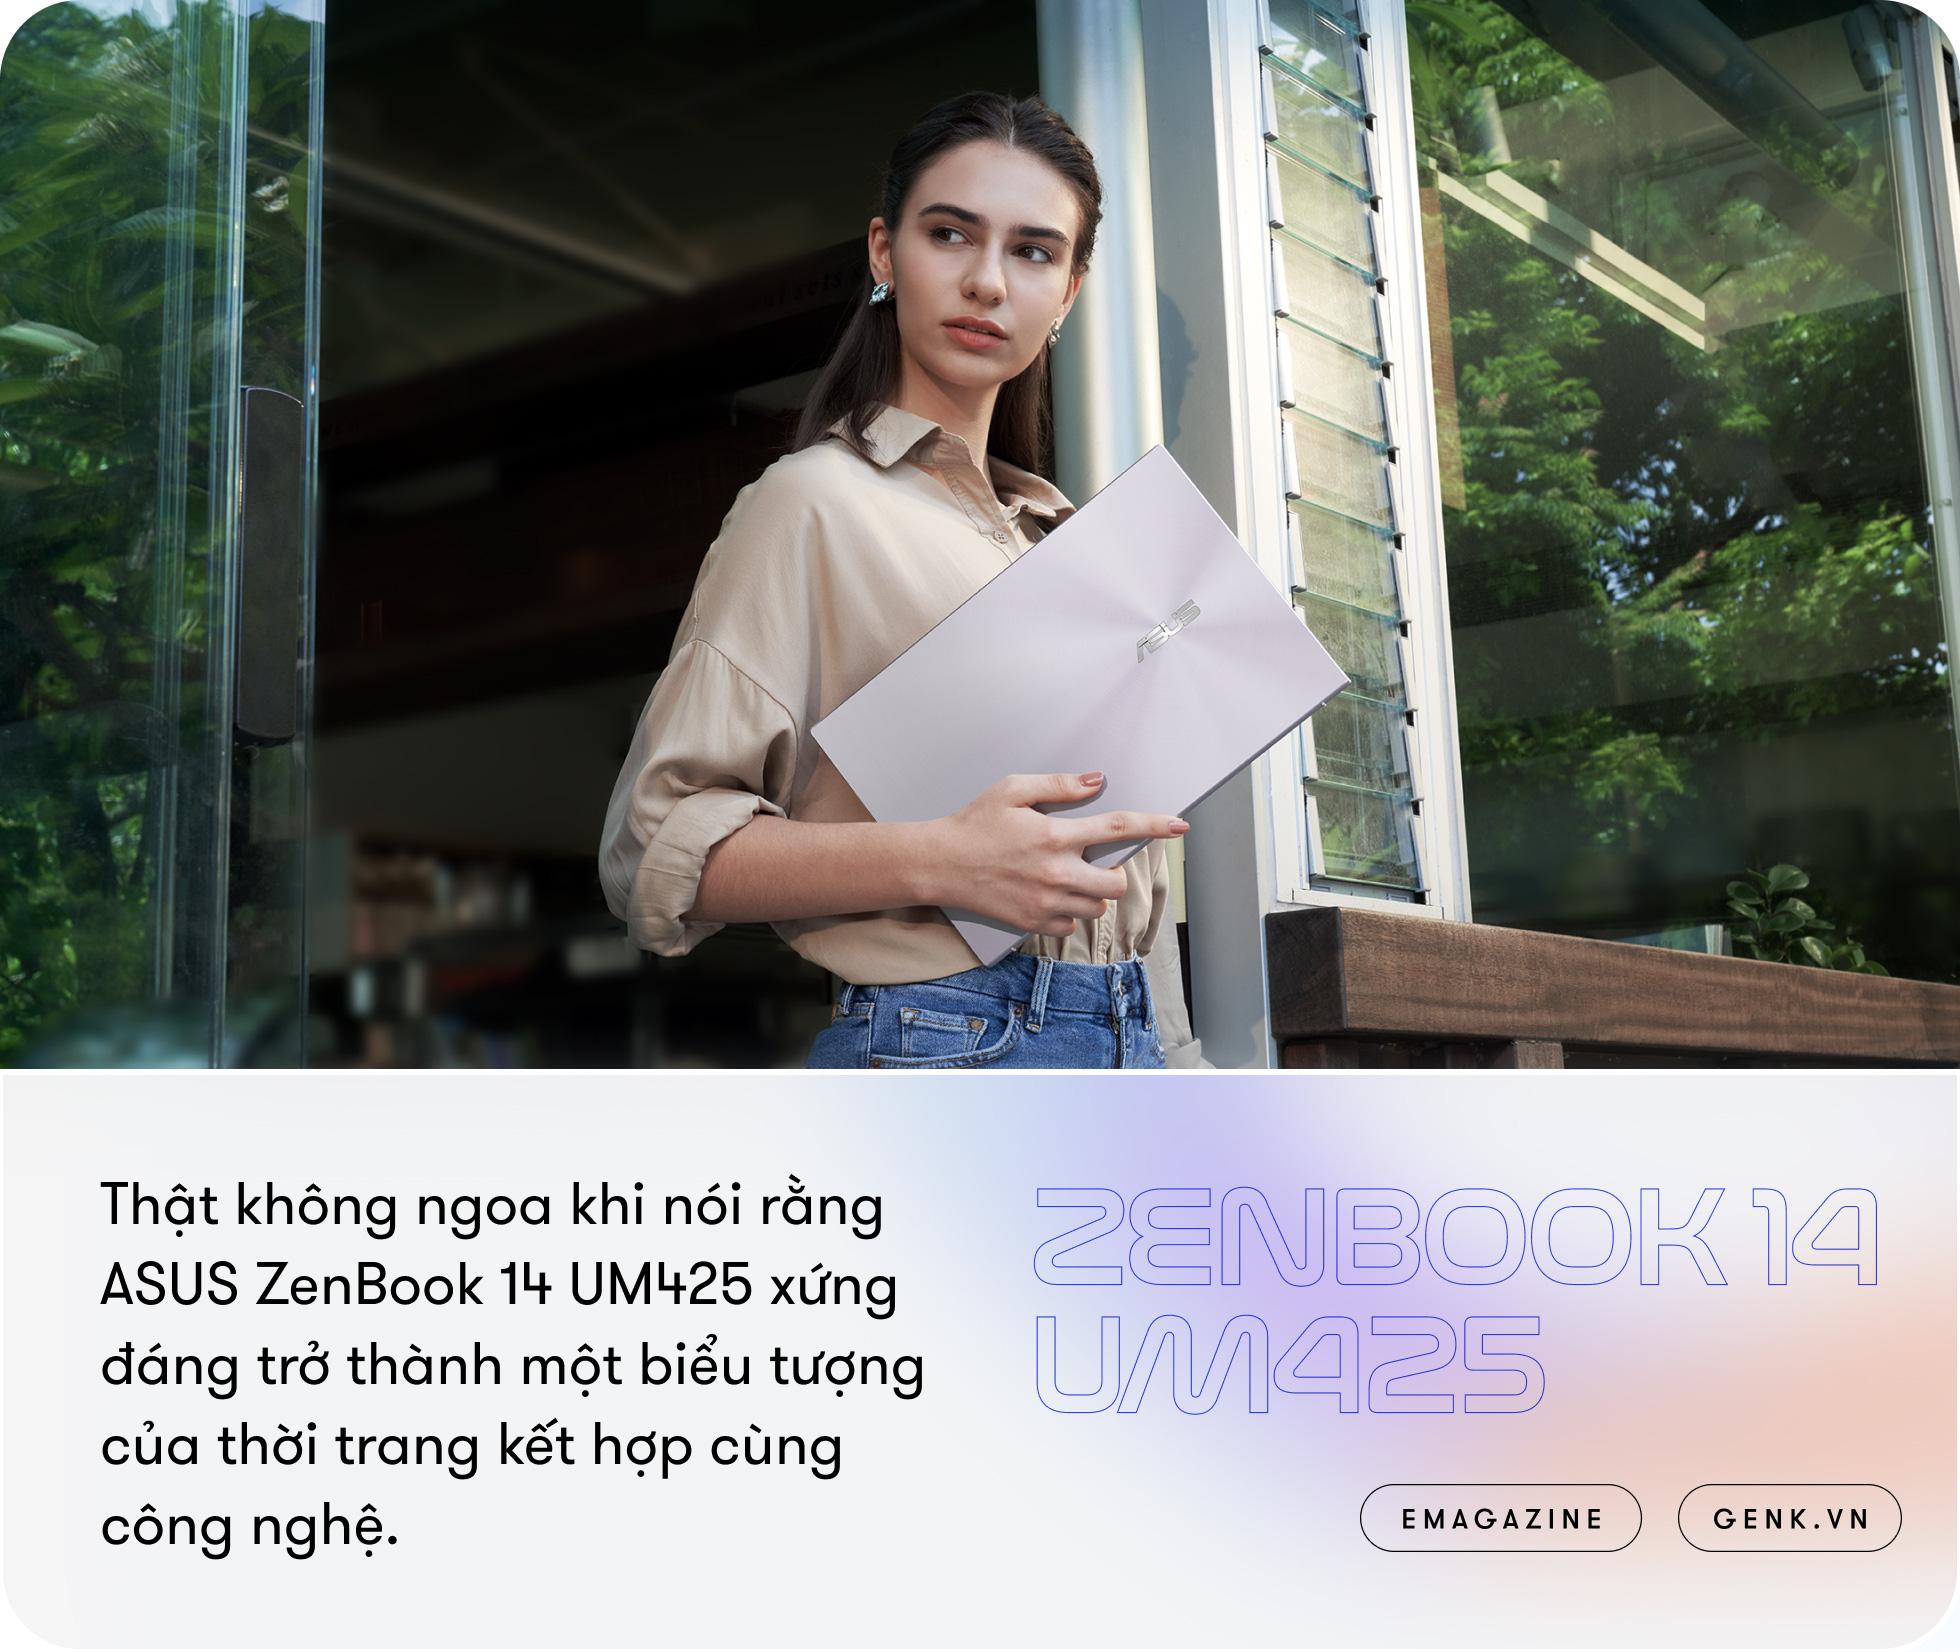 Điểm mặt laptop Asus thế hệ mới: tuyên ngôn sống đầy tự tin năng động mang đậm phong cách công dân thời đại số - Ảnh 3.